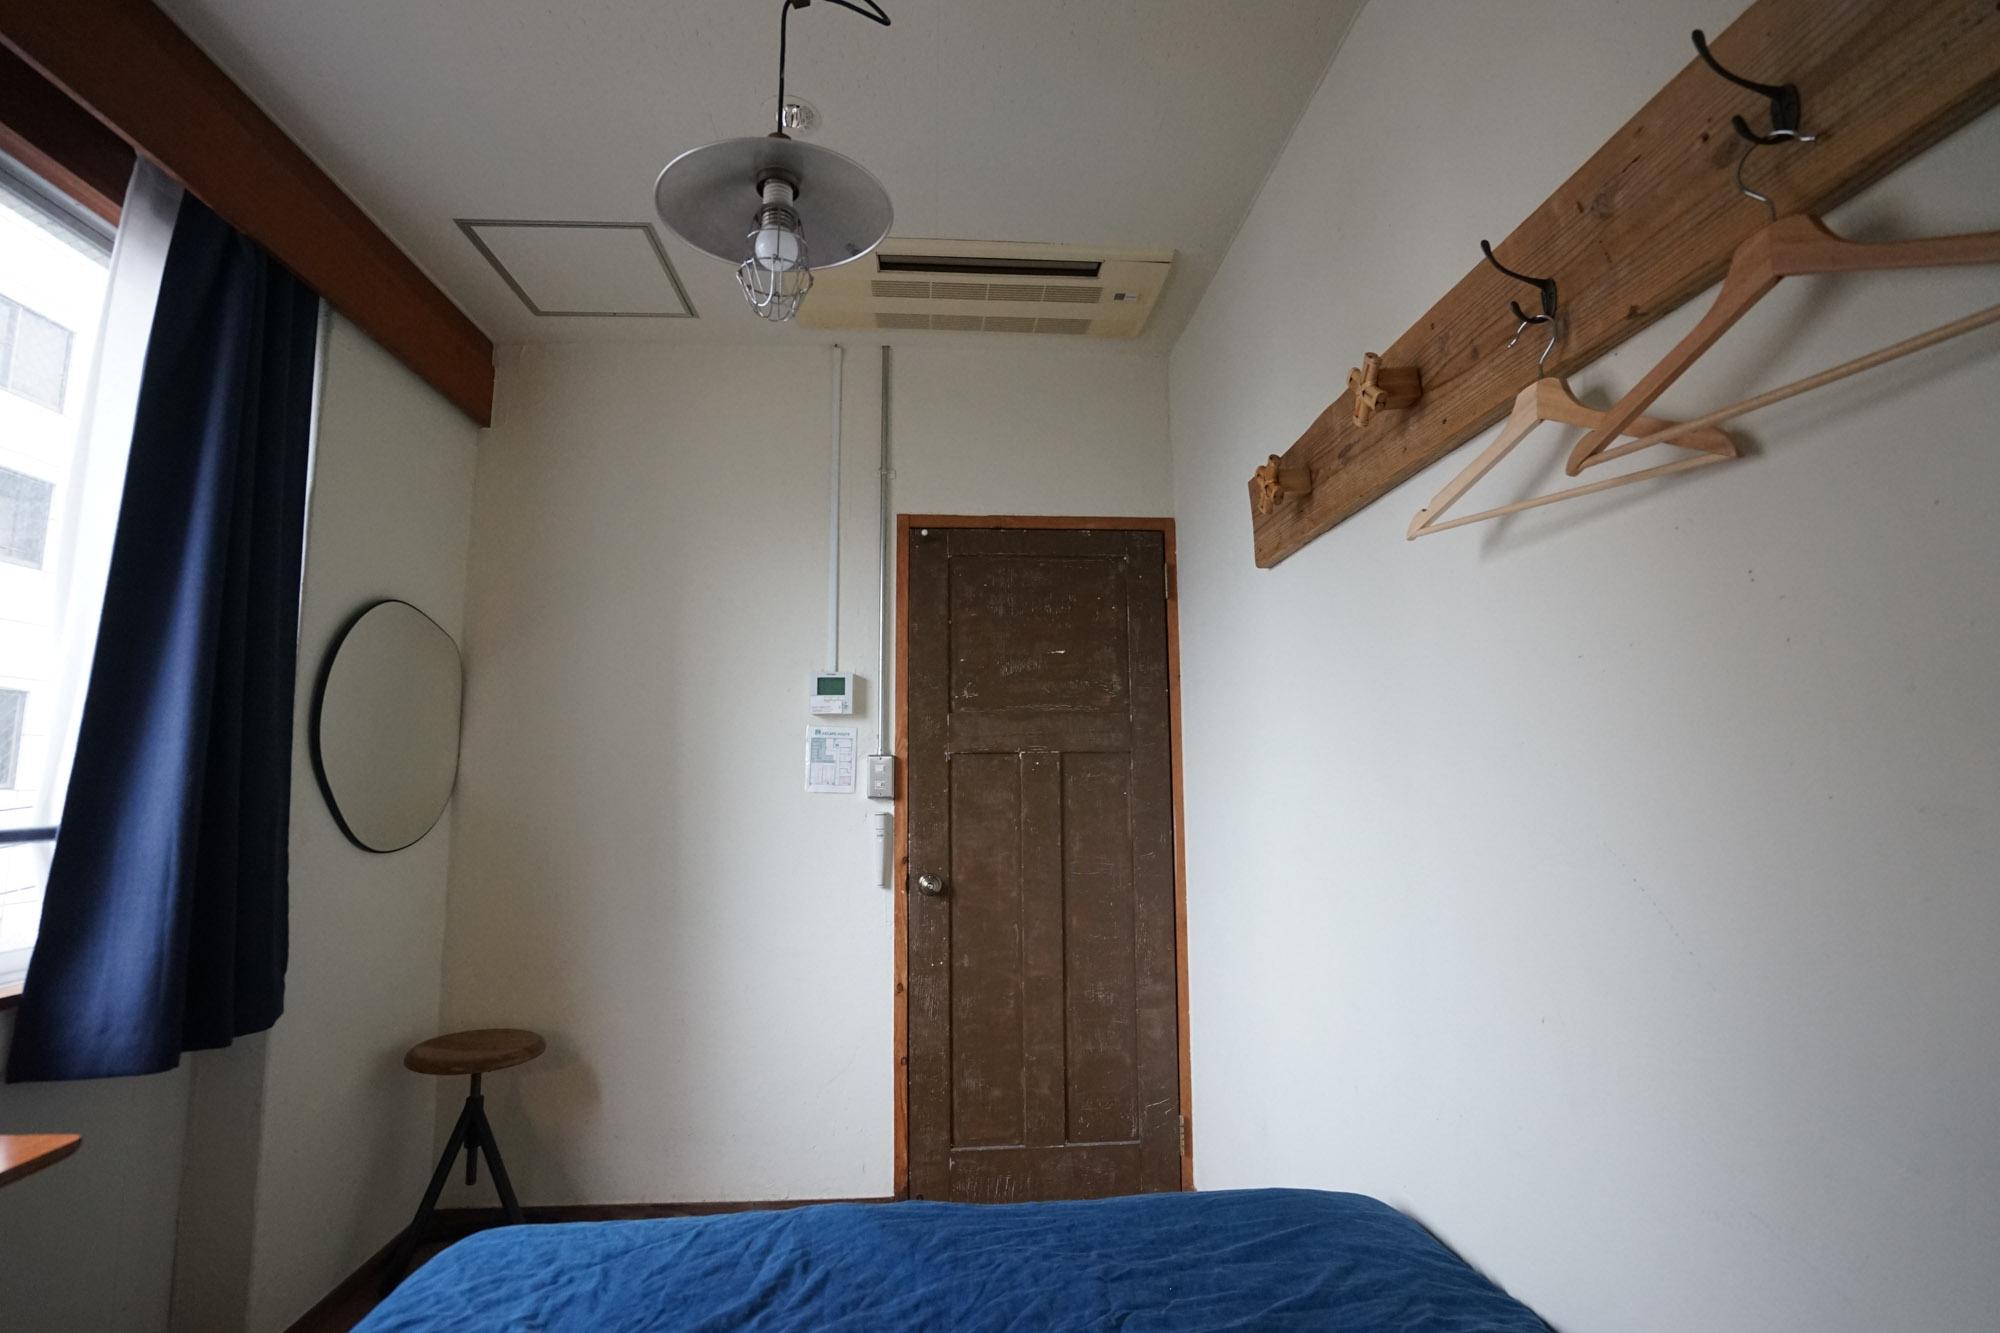 バス・トイレなどは共用のため、お部屋はコンパクトでシンプル。余計なものがなく、必要なものにすぐ手がとどく距離感が、とても自分にフィットして、ちょうど良いな、と思いました。